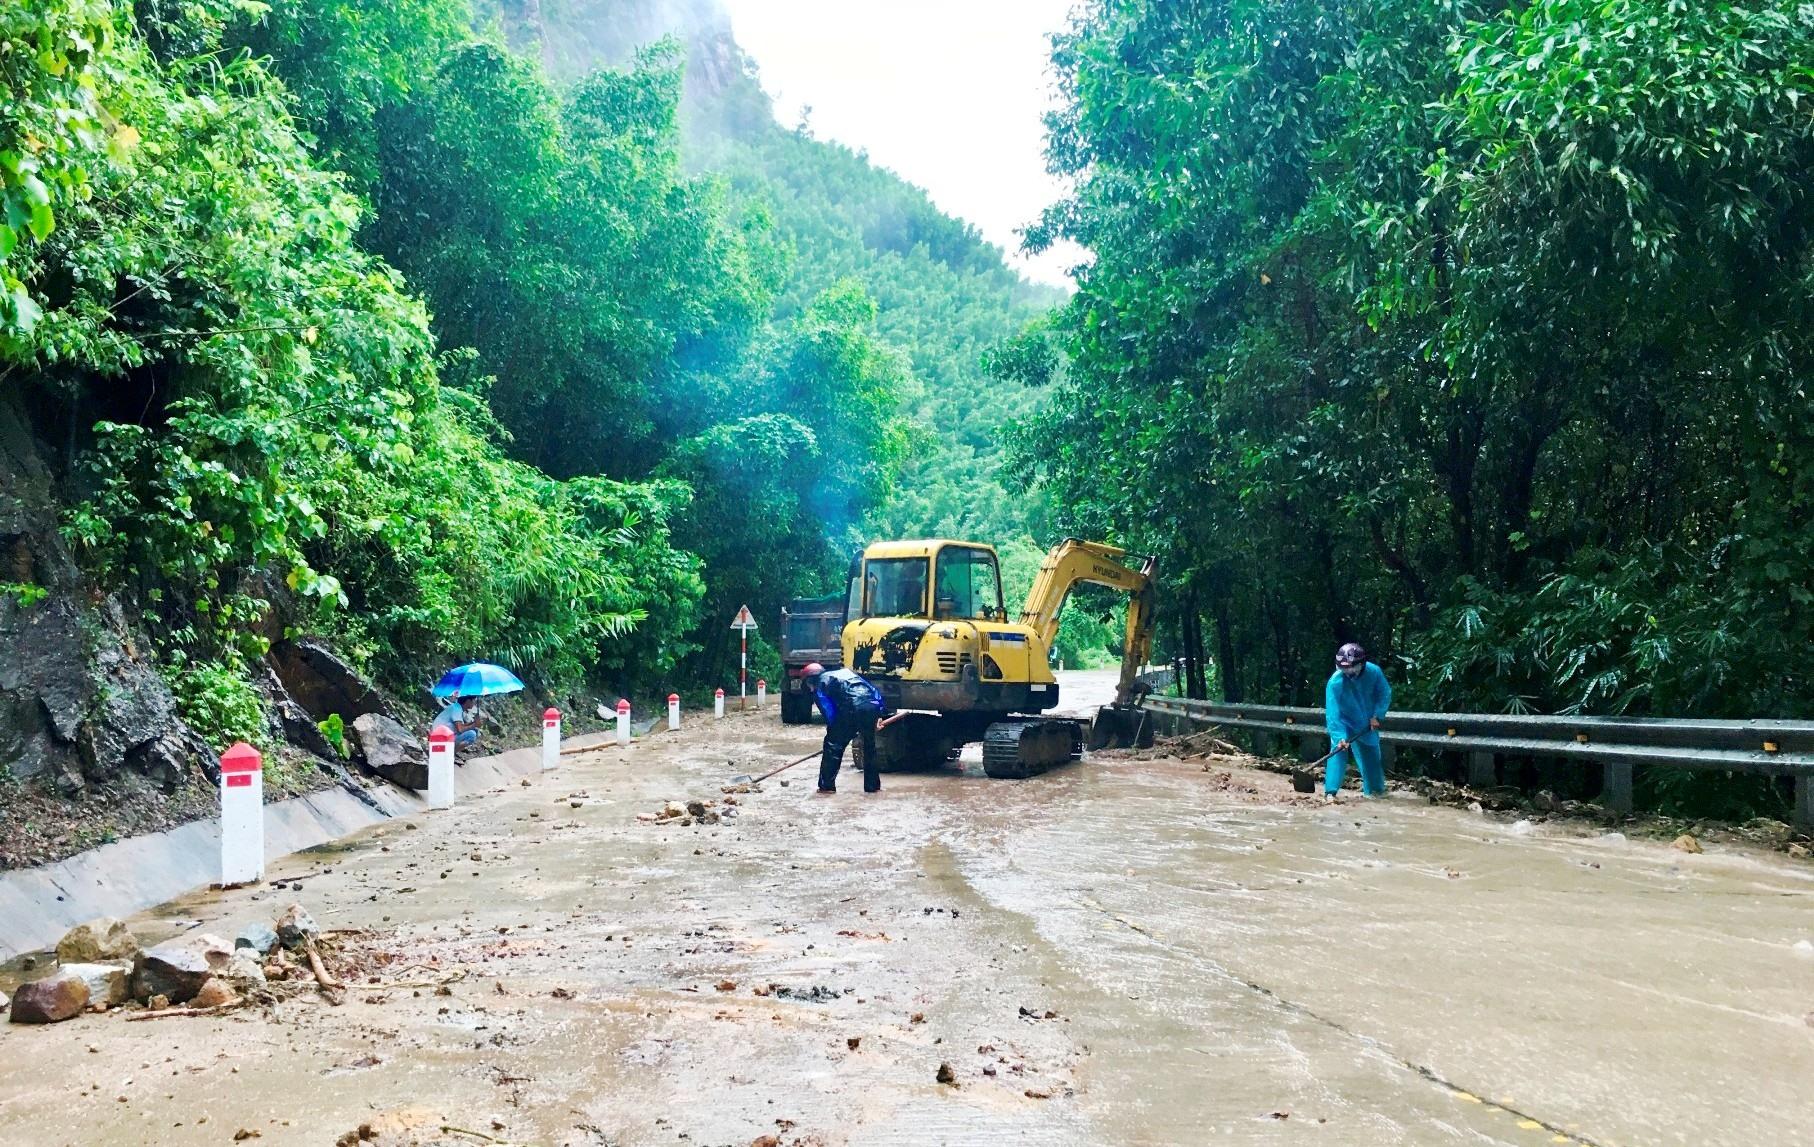 Kịp thời khắc phục sự cố sạt lở đất, đảm bảo giao thông tại Quốc lộ 14H đoạn qua thôn Trung An (xã Quế Trung).